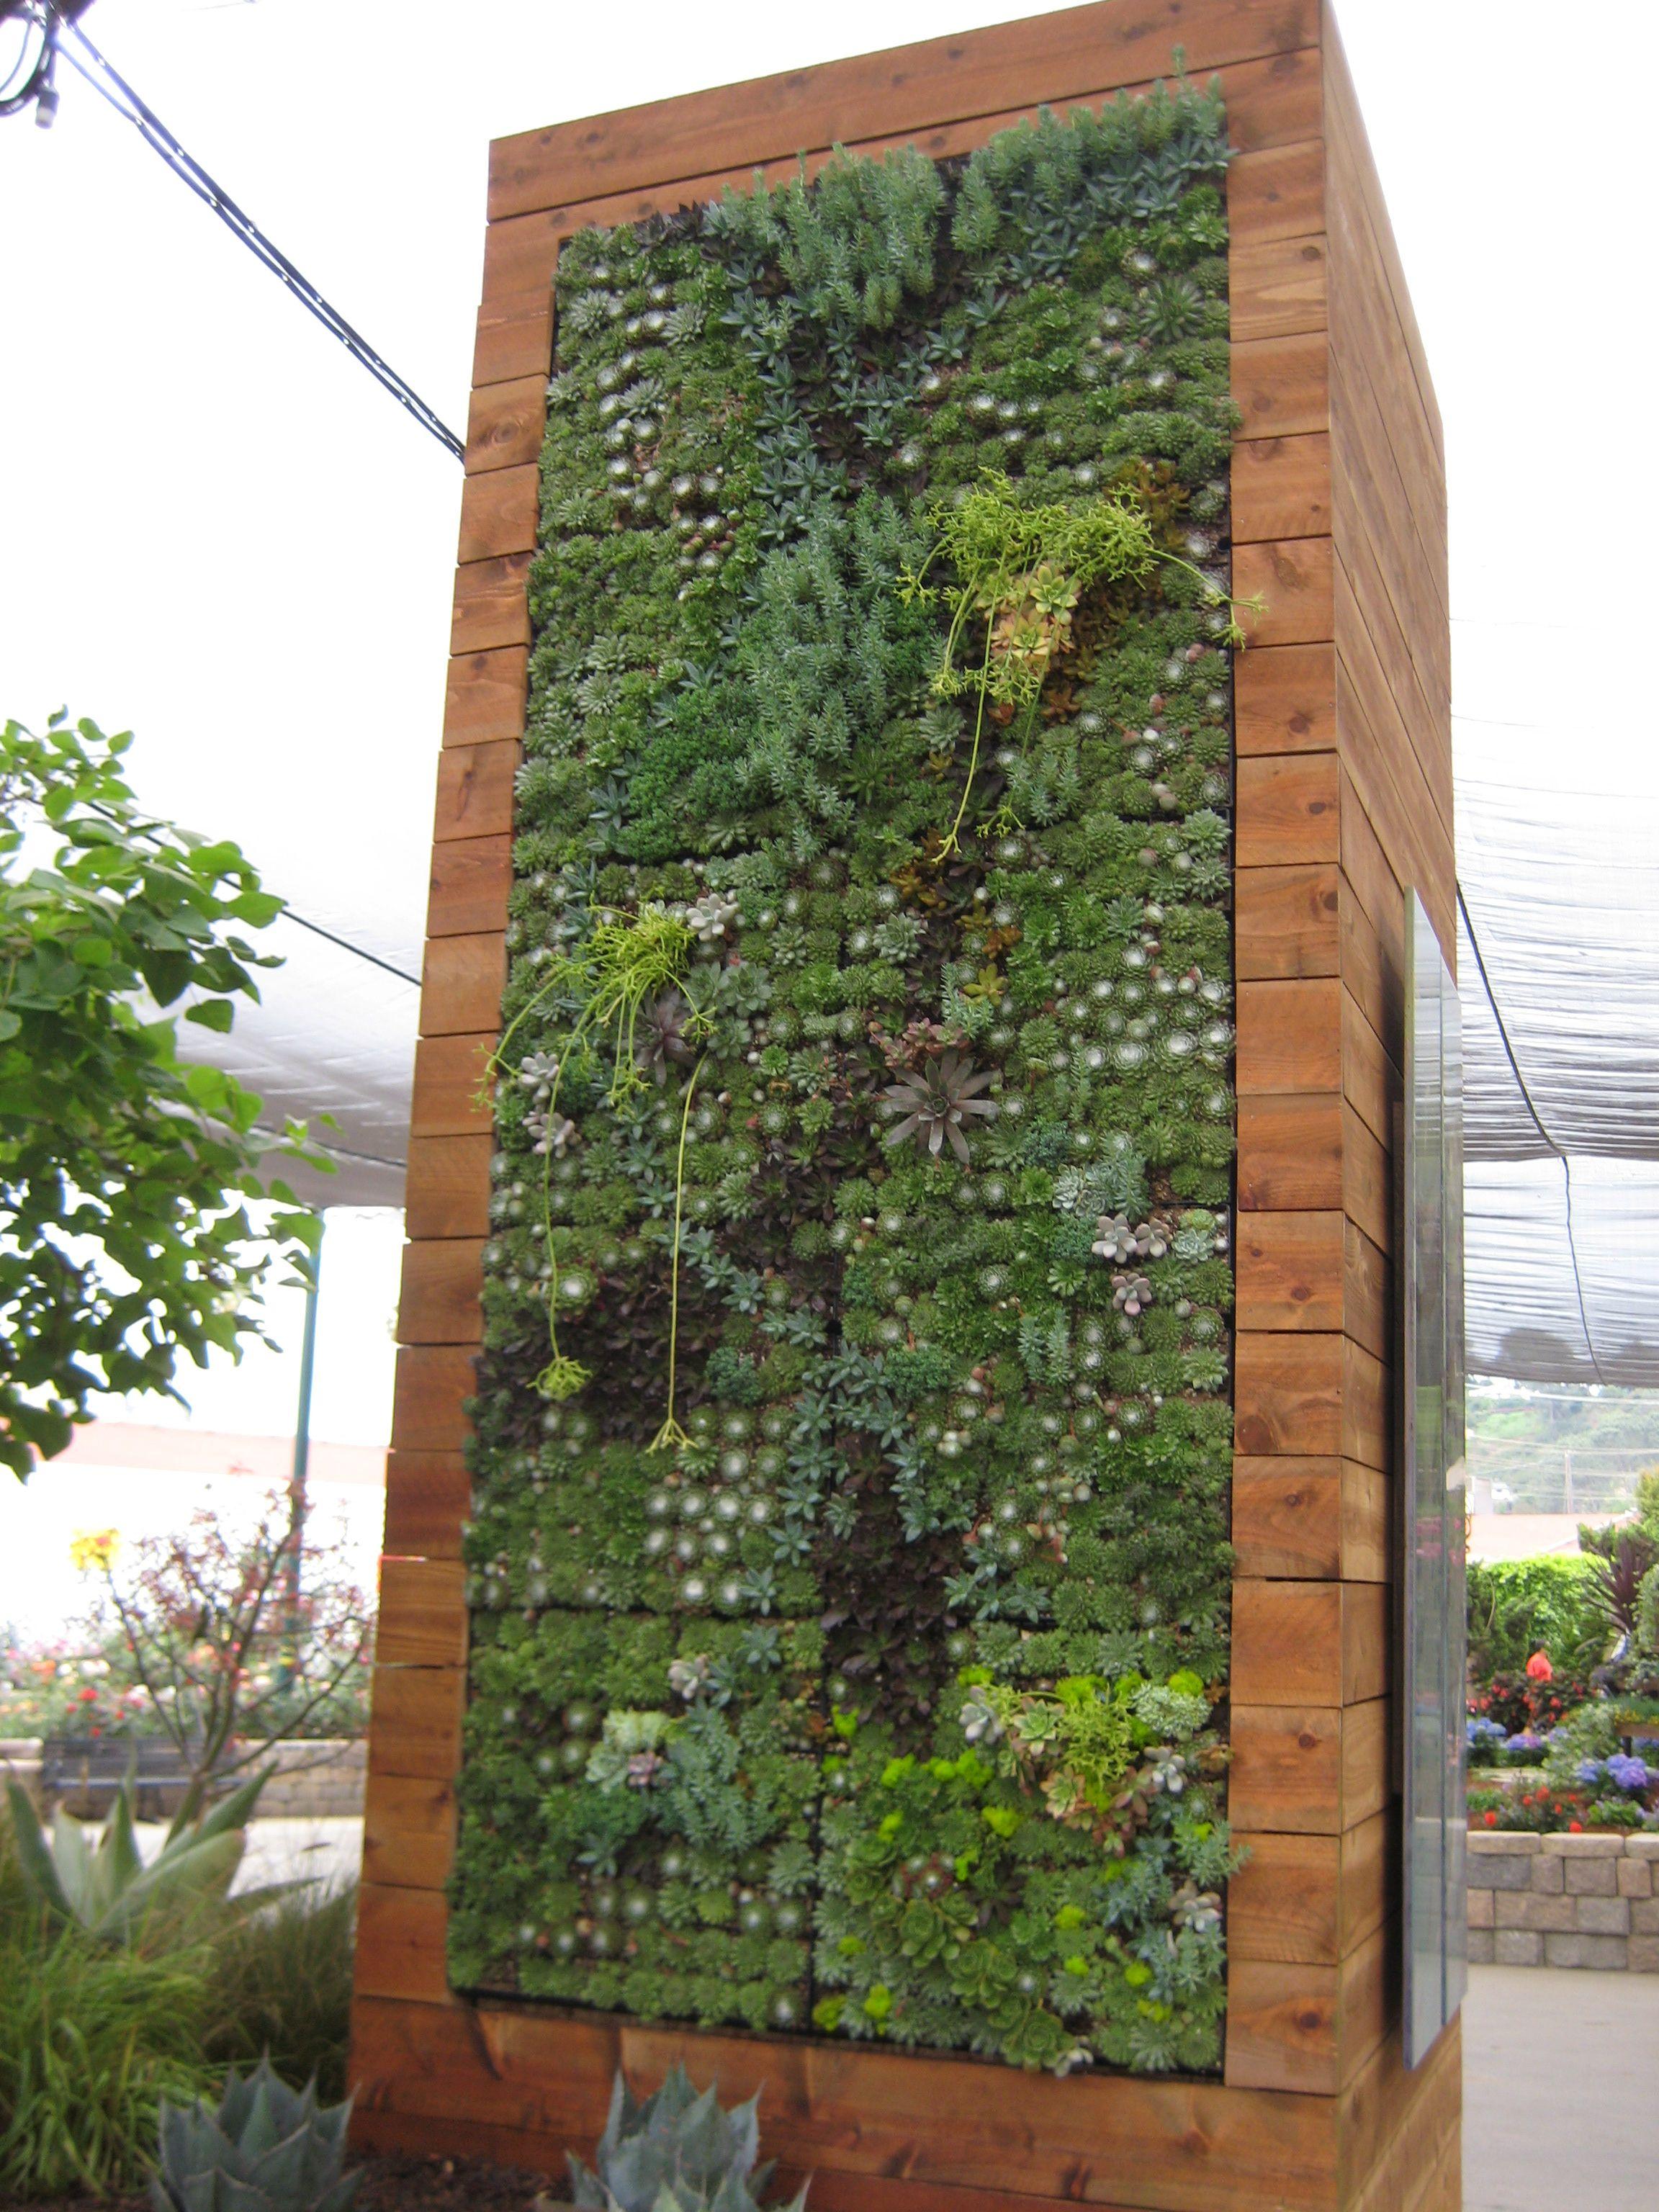 Living succulent wall succulent wall pinterest for Living walls vertical gardens